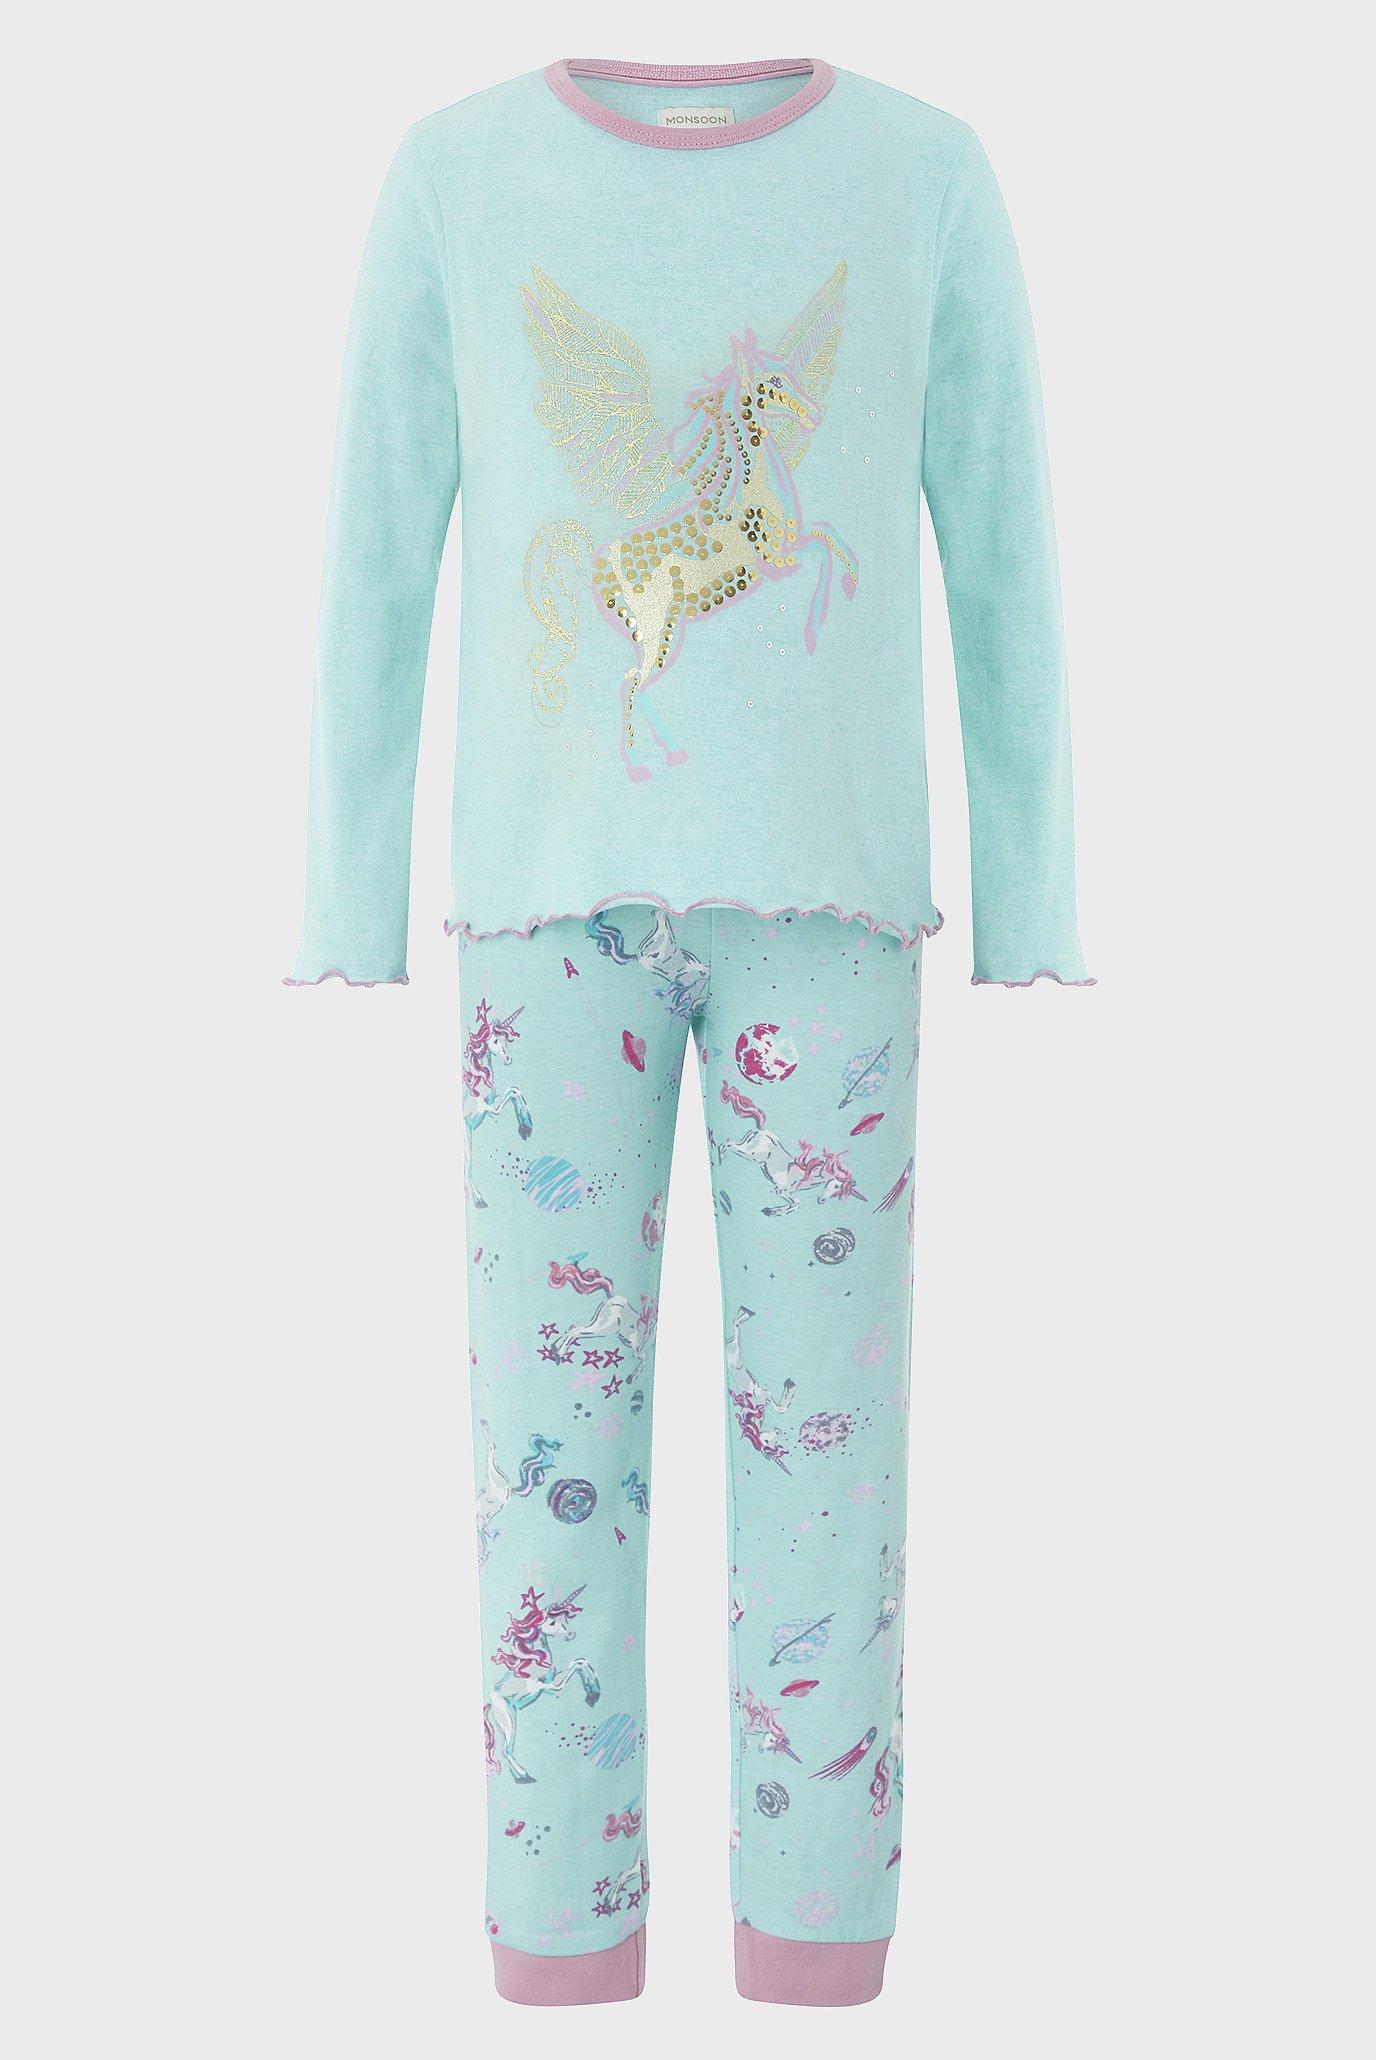 Купить Детская голубая пижама Peggy Unicorn (лонгслив, брюки) Monsoon Children Monsoon Children 514258 – Киев, Украина. Цены в интернет магазине MD Fashion